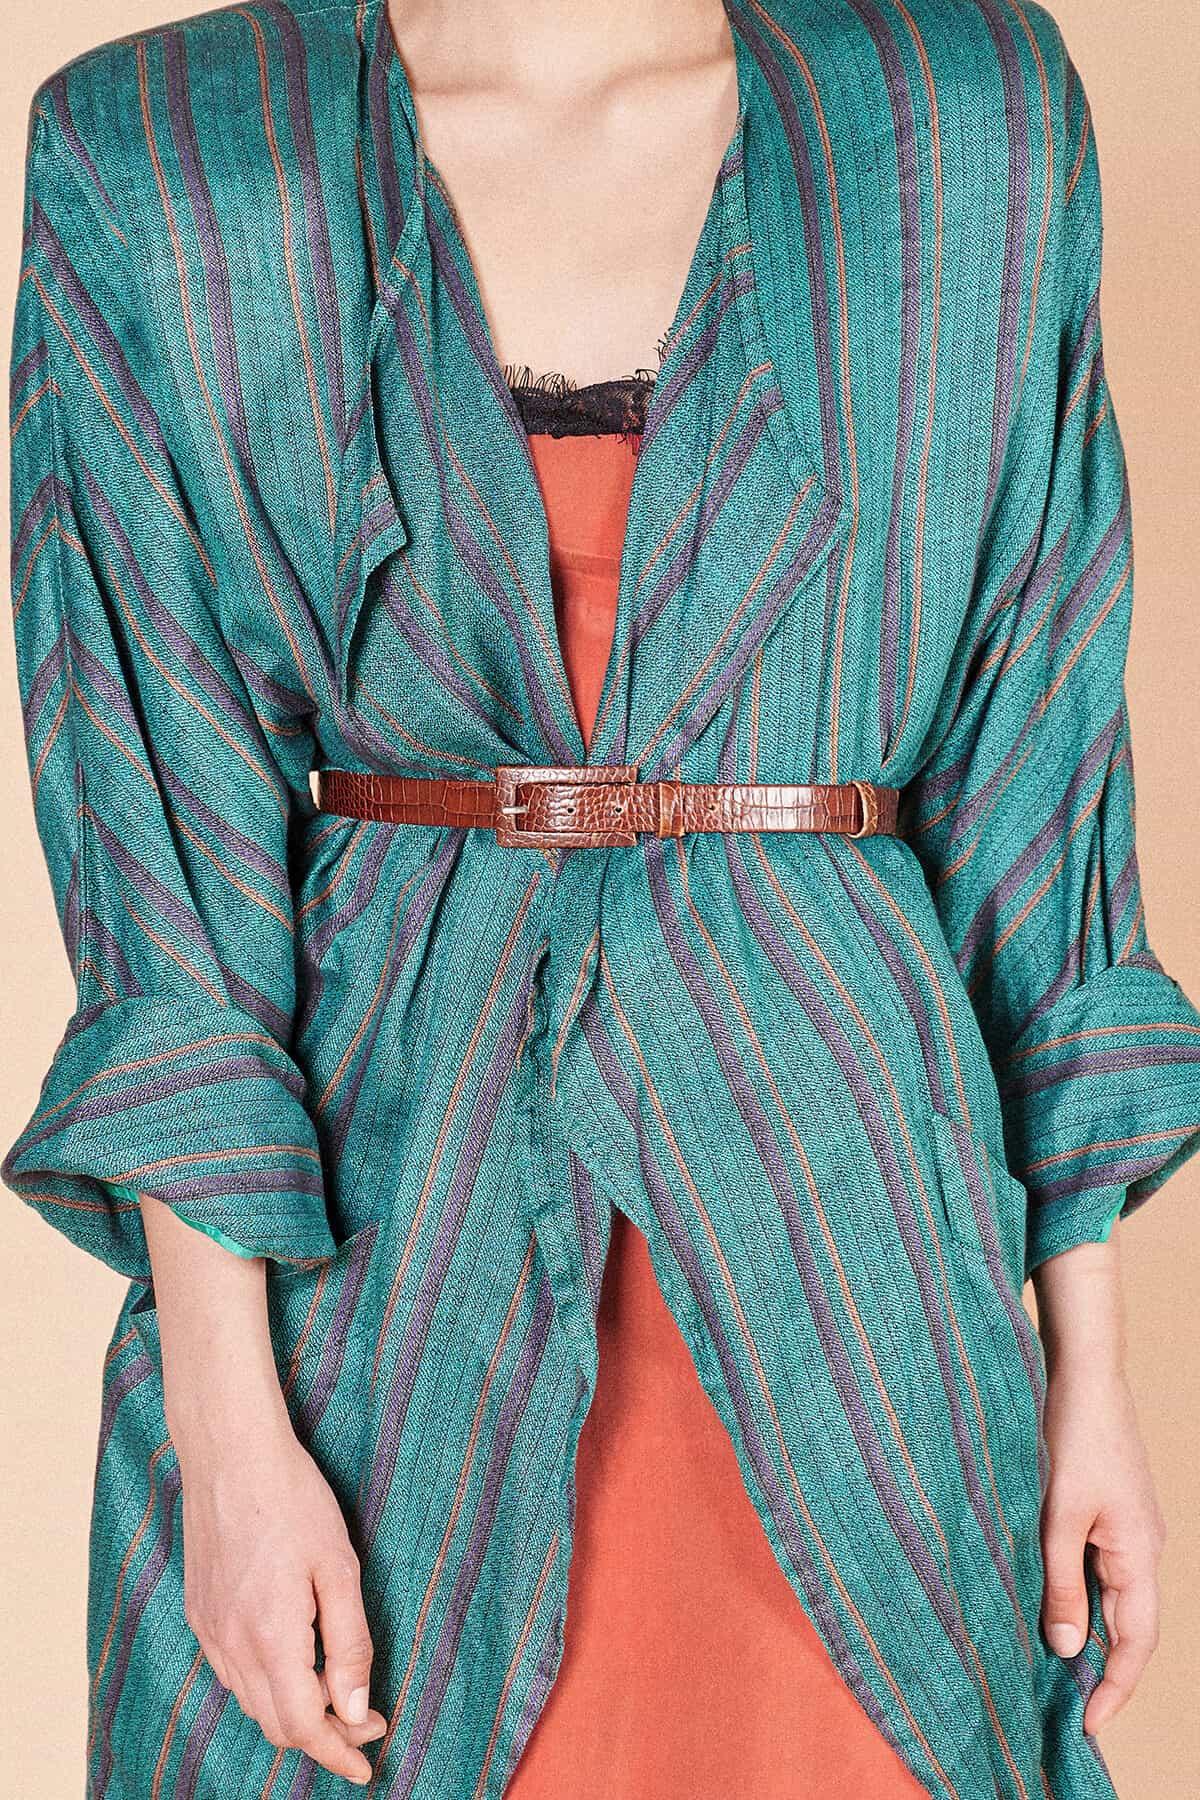 80ler iddialı abartı vatkalı yeşil uzun avangart düğmesiz ceket